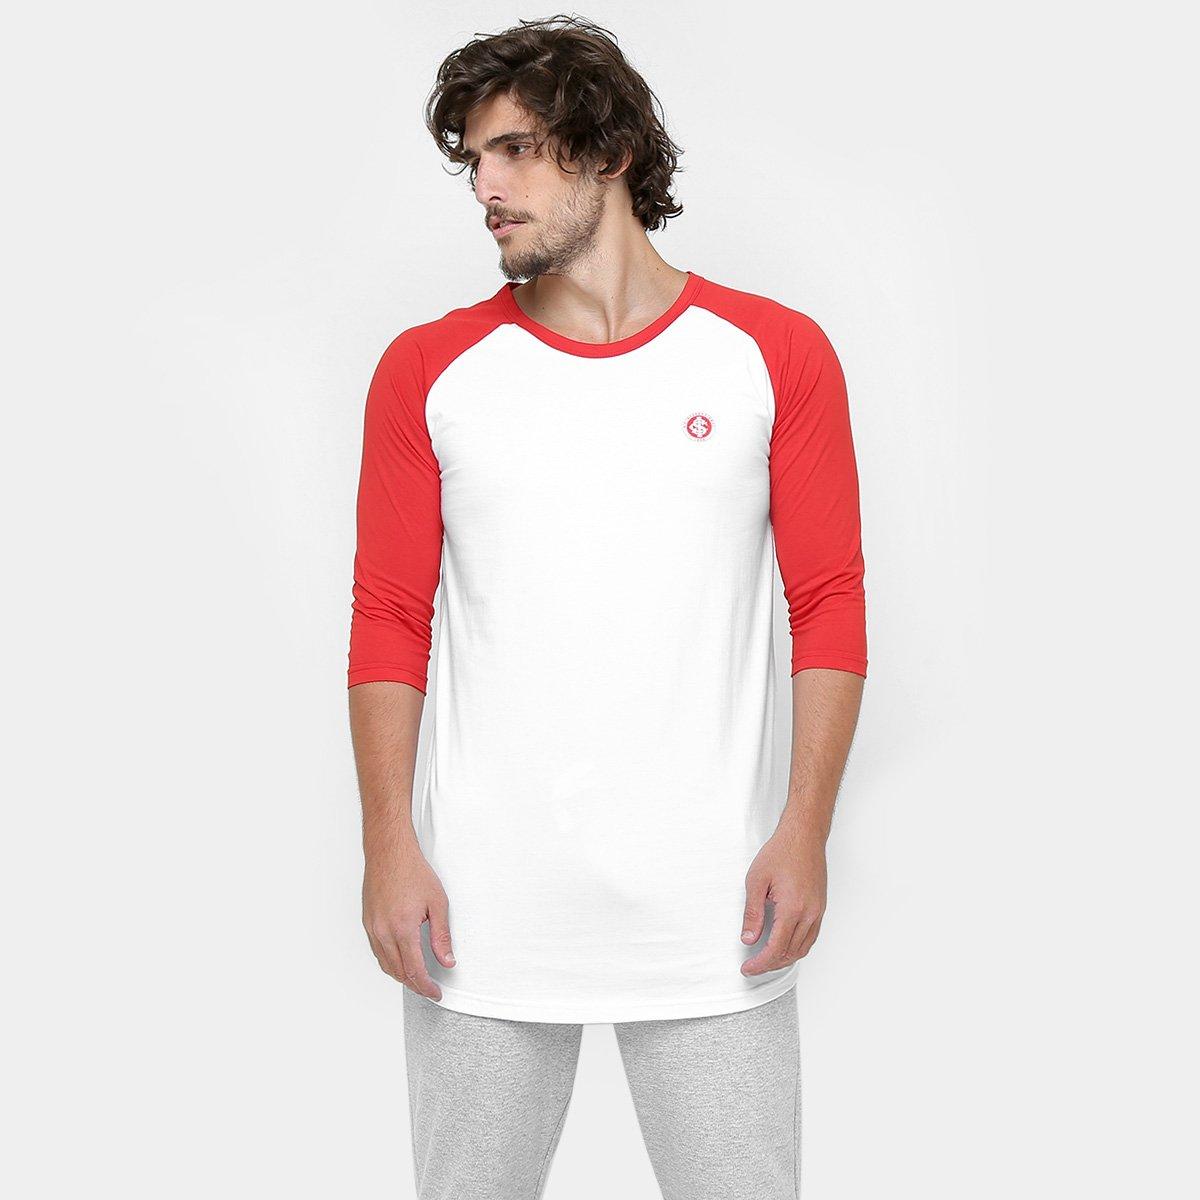 8b275ec597d Camiseta Internacional S.C Manga Masculina - Branco e Vermelho - Compre  Agora